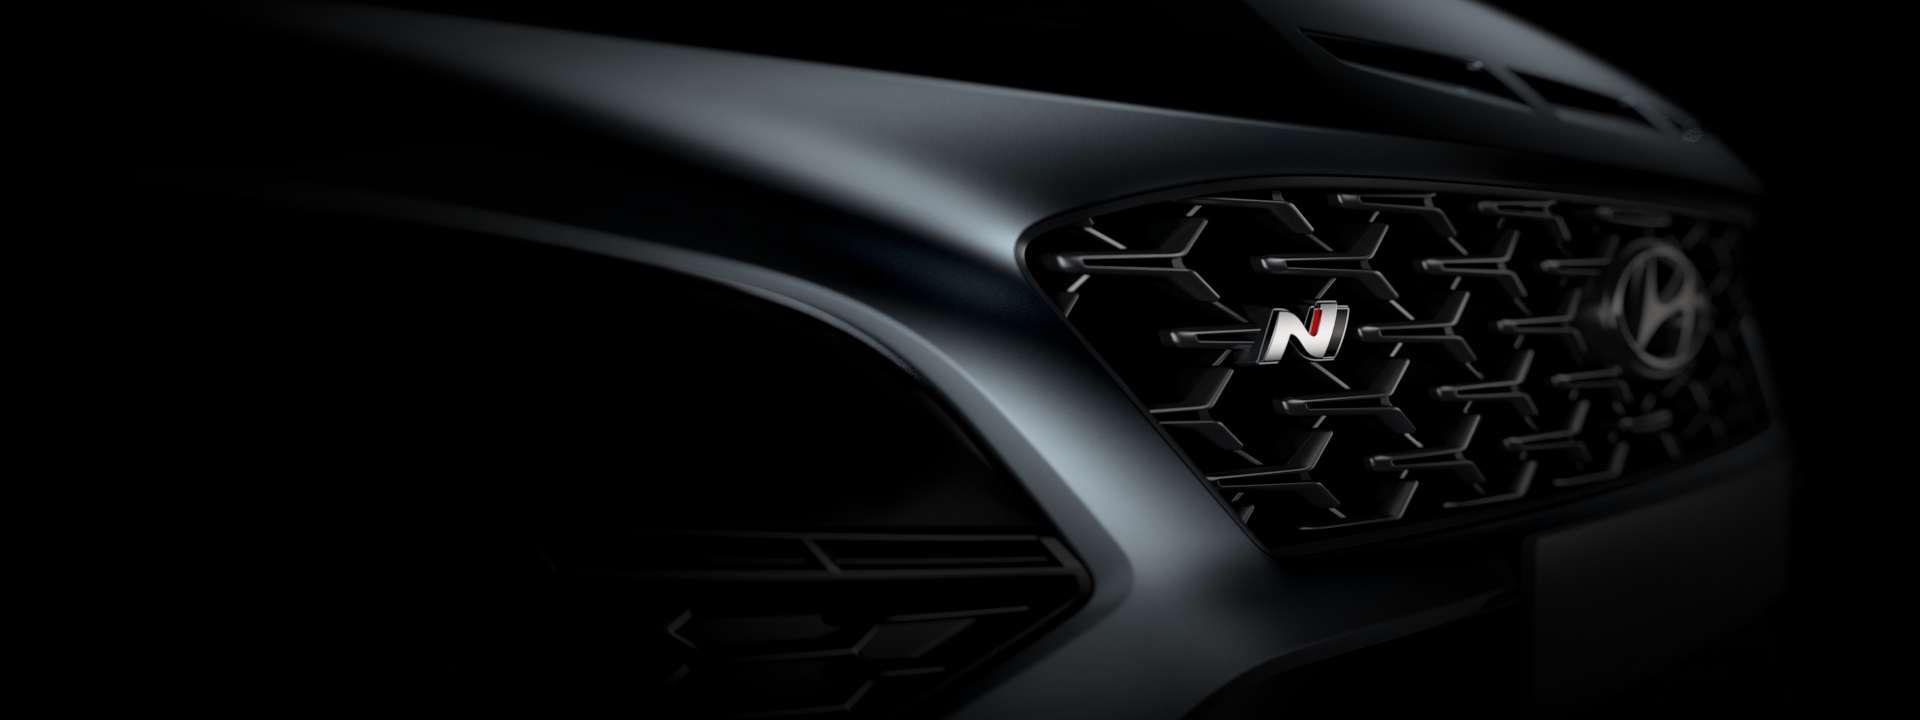 Hyundai KONA-N 2021